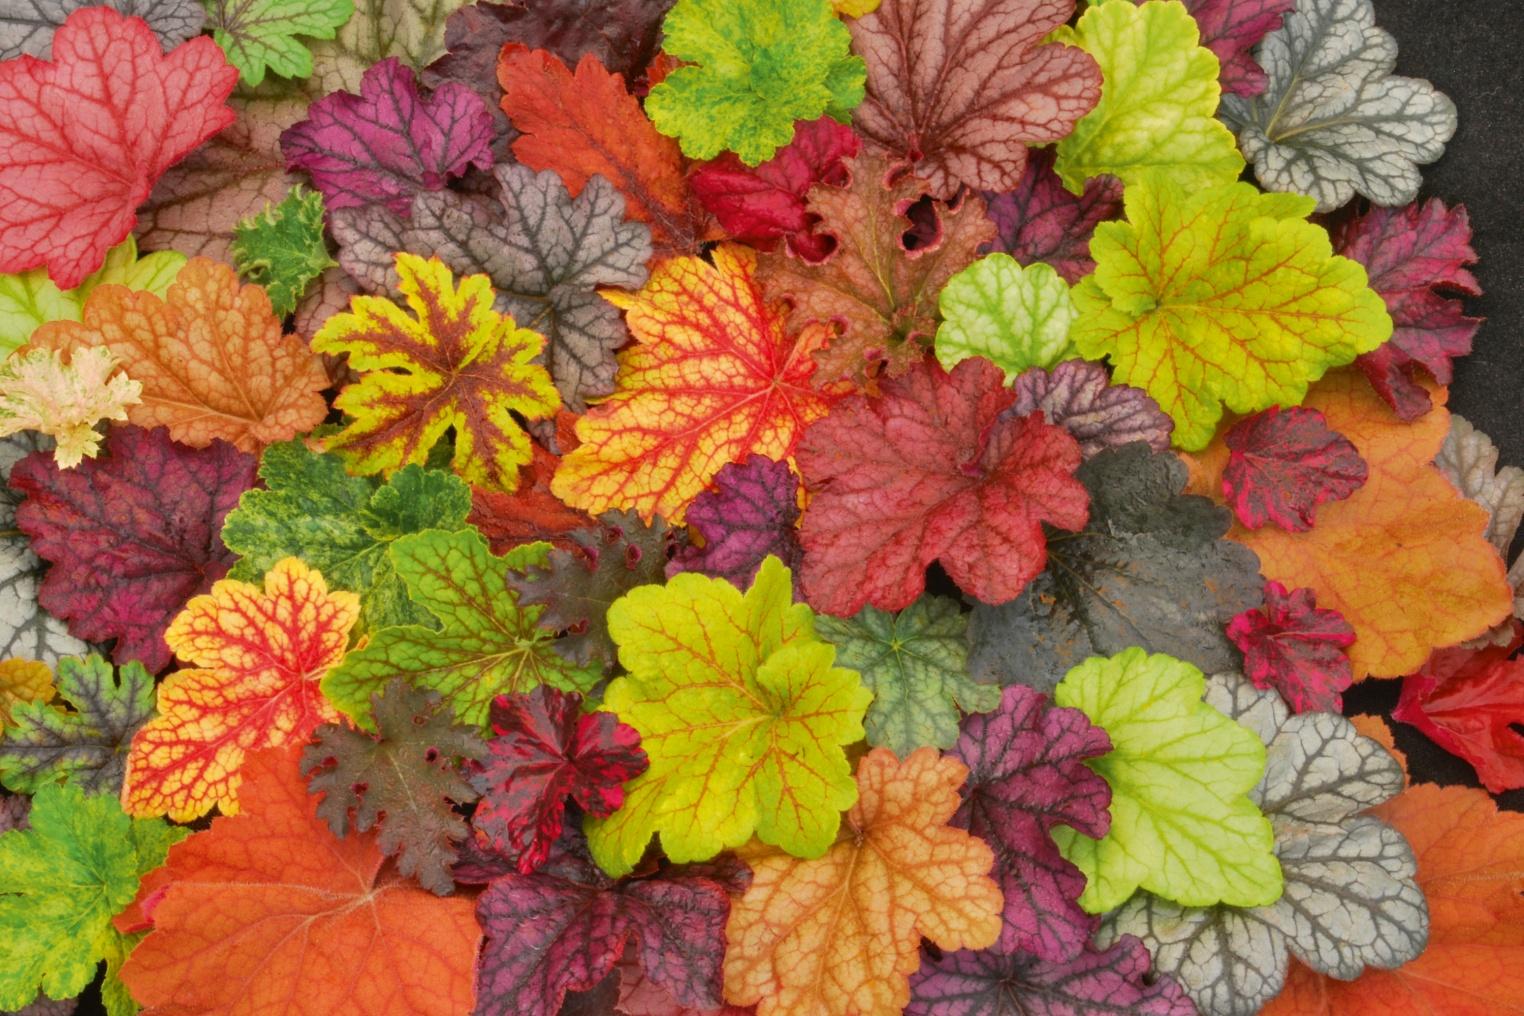 Гейхеру достаточно часто применяют для оформления бордюров, клумб или цветников